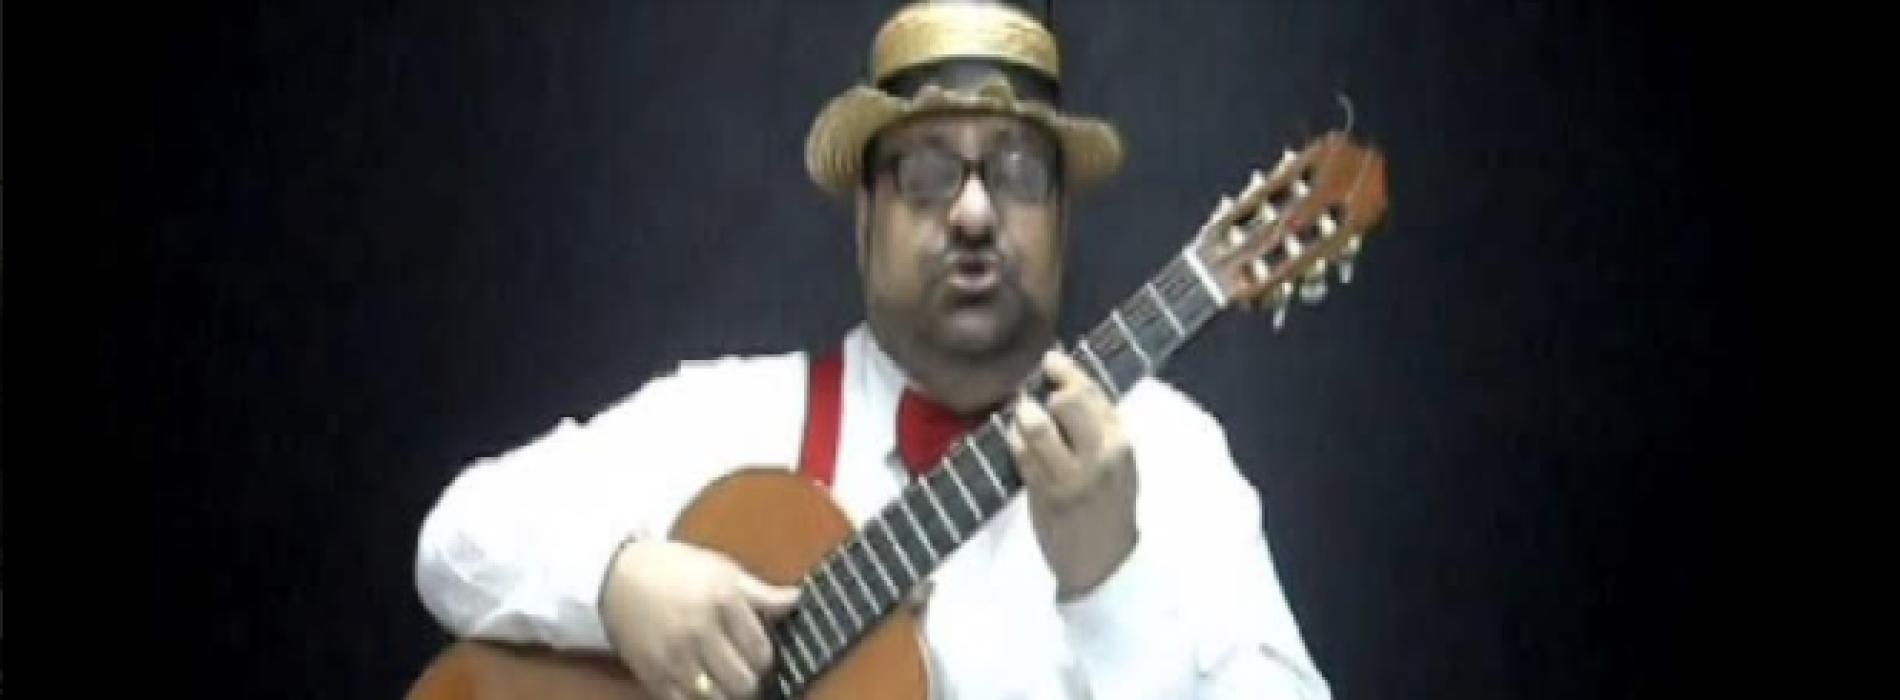 Pippo Infante al Cts, un comico del Regno di Napoli a Caserta